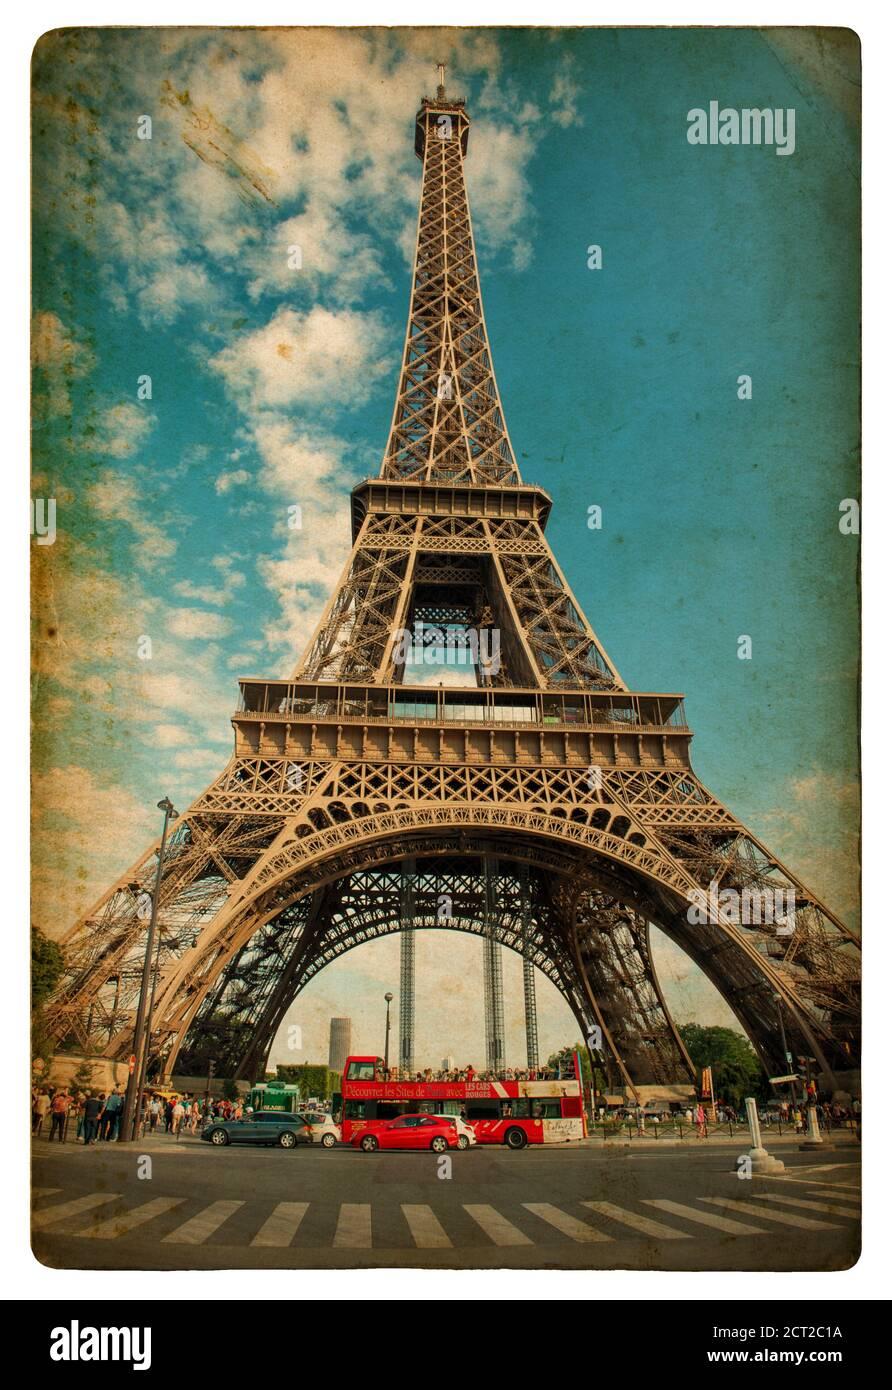 La Torre Eiffel (la Tour Eiffel) en París sobre el cielo azul nublado. Imagen de diseño de estilo vintage Foto de stock